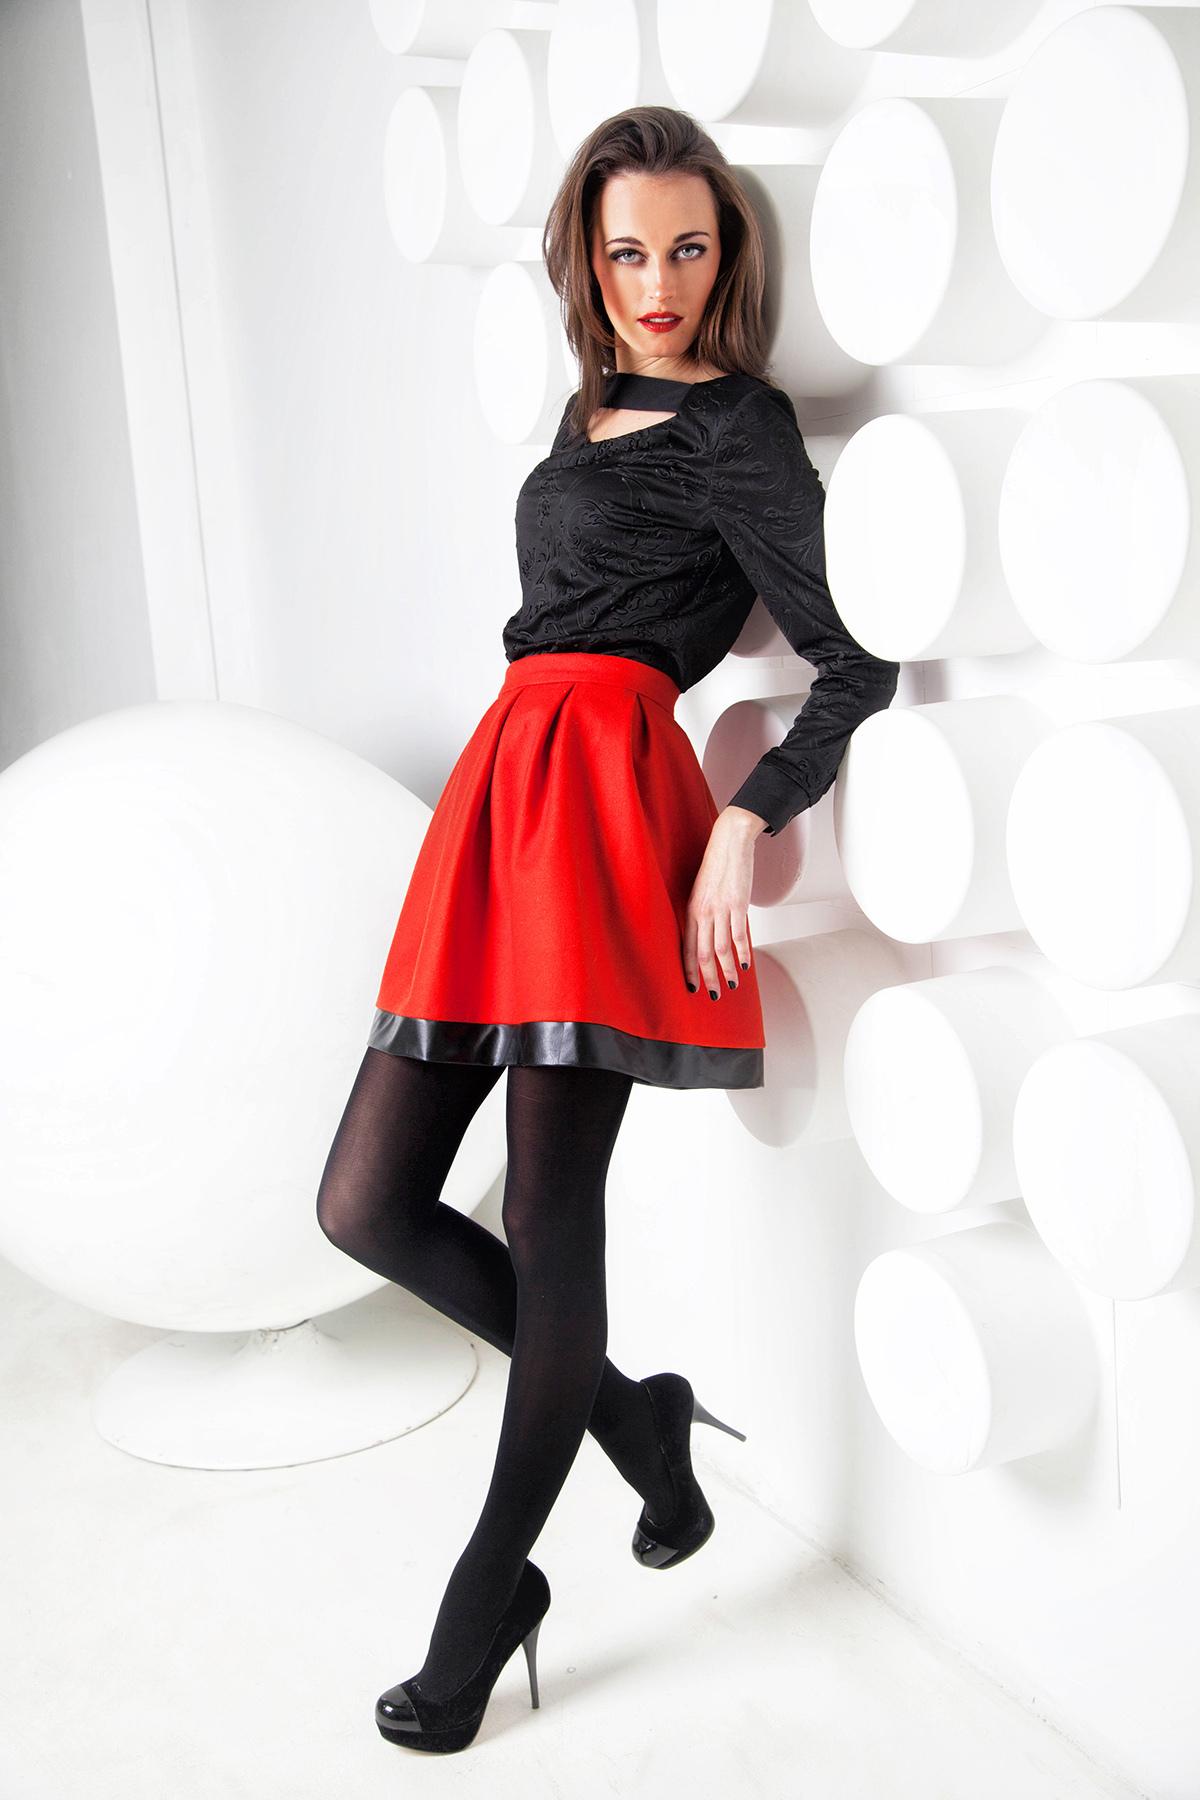 дамы девушка красные юбки черни чулка фото девушка, несмотря